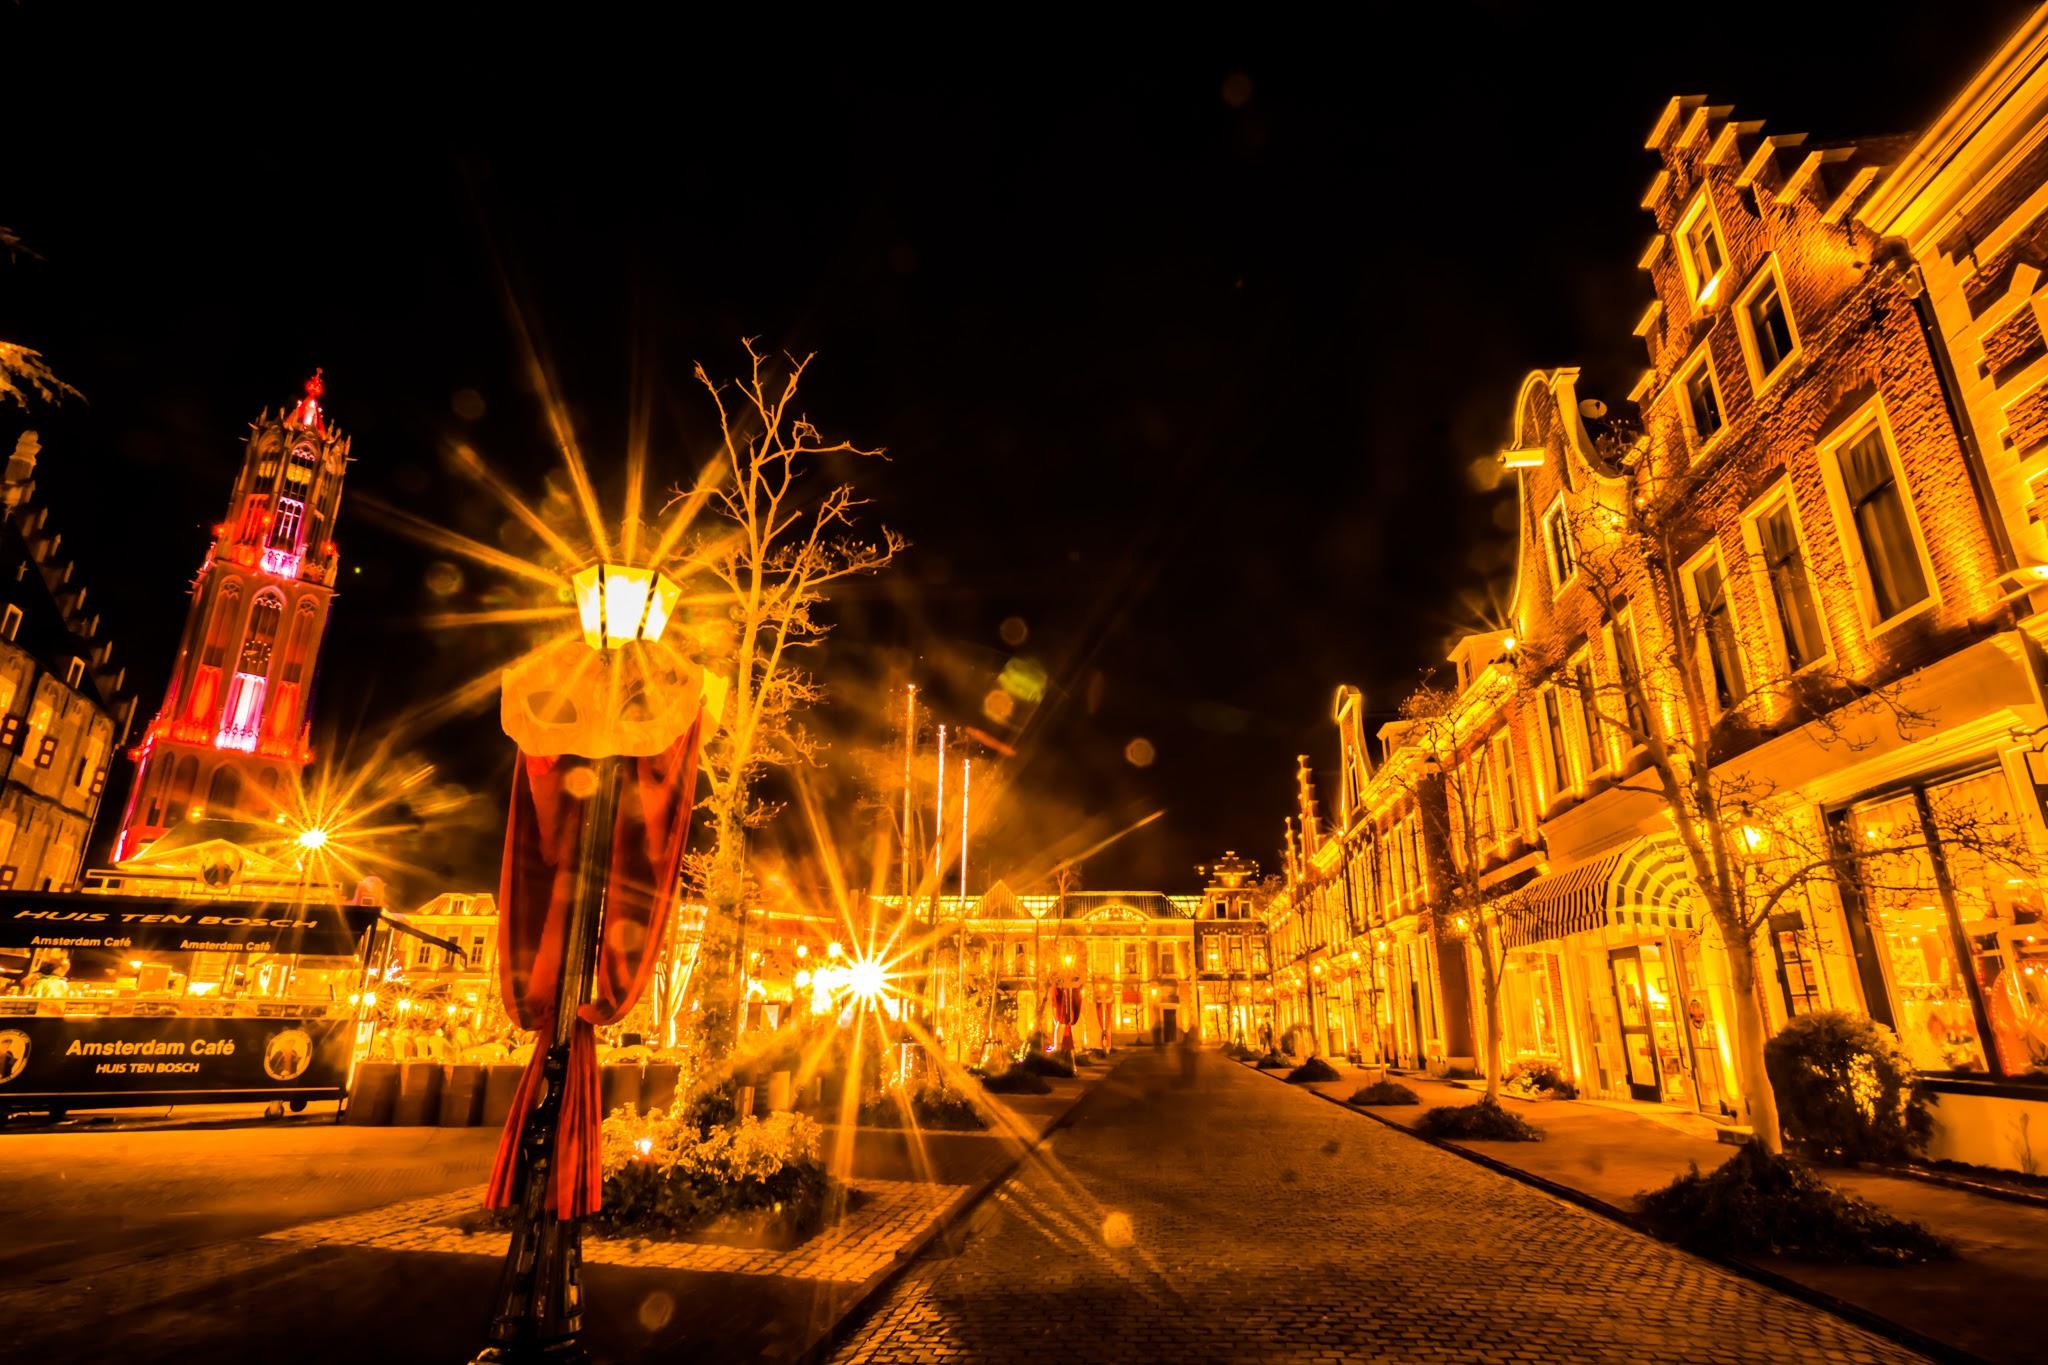 Huis Ten Bosch illumination Kingdom of light Amsterdam city6